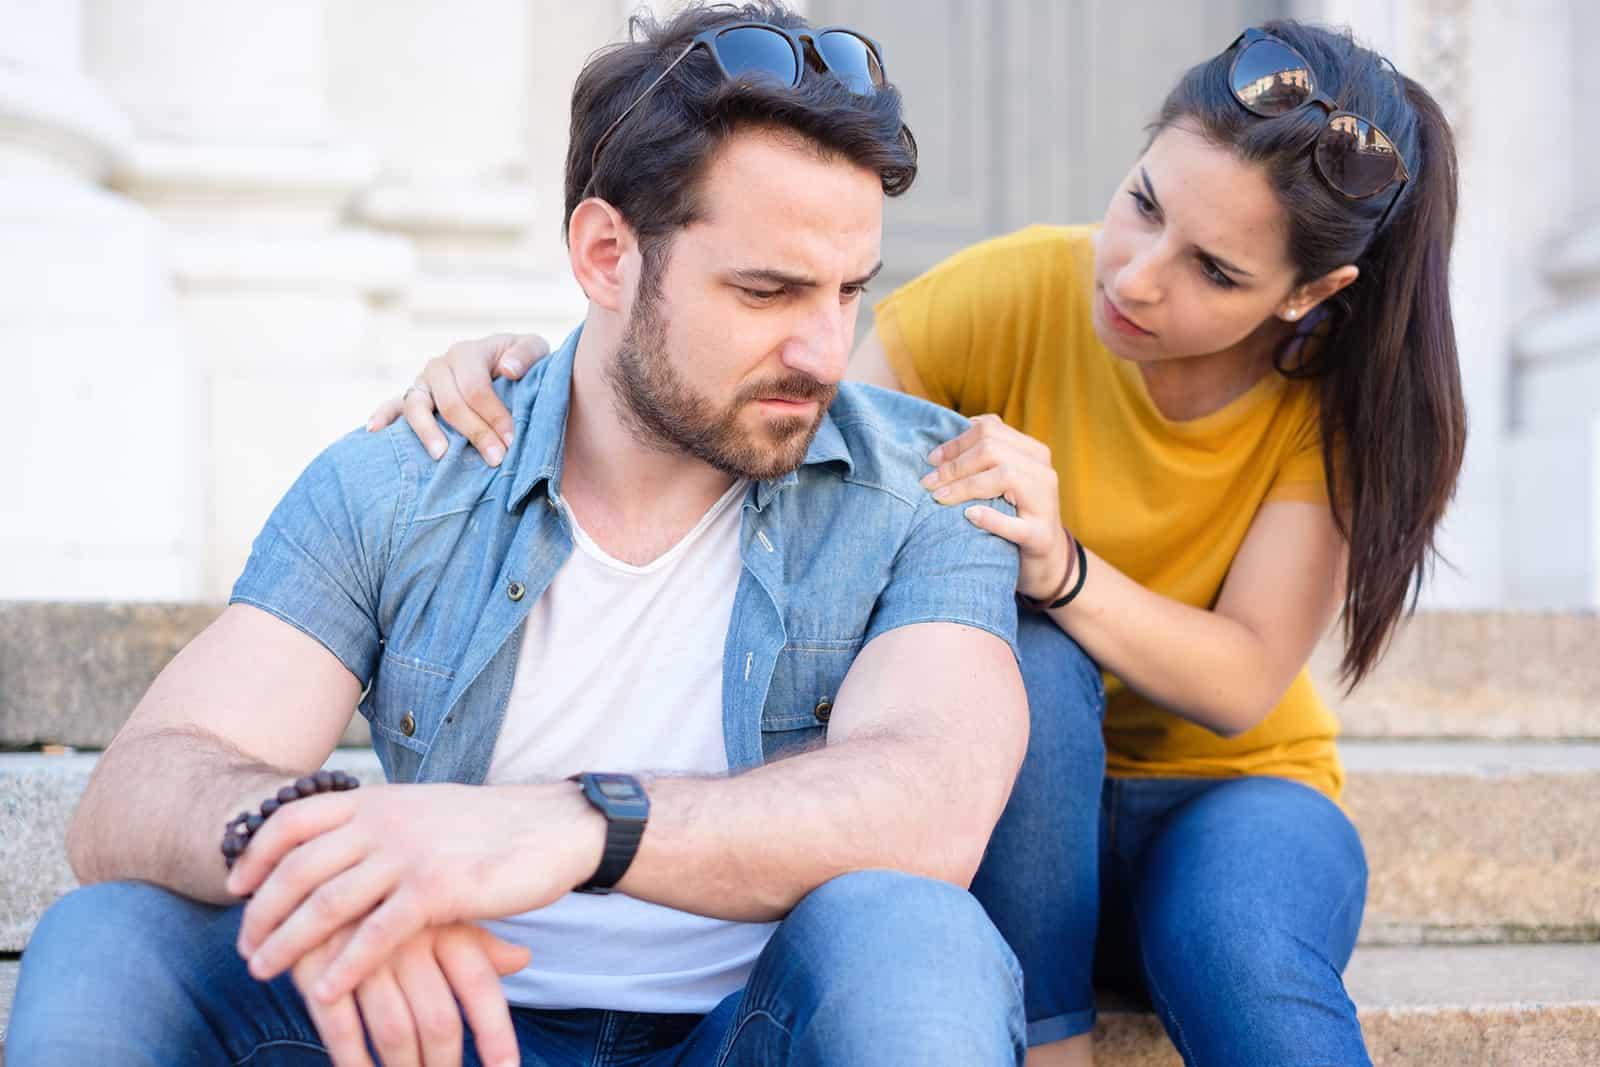 Eine Frau entschuldigt sich bei einem verärgerten Freund, der auf der Treppe sitzt